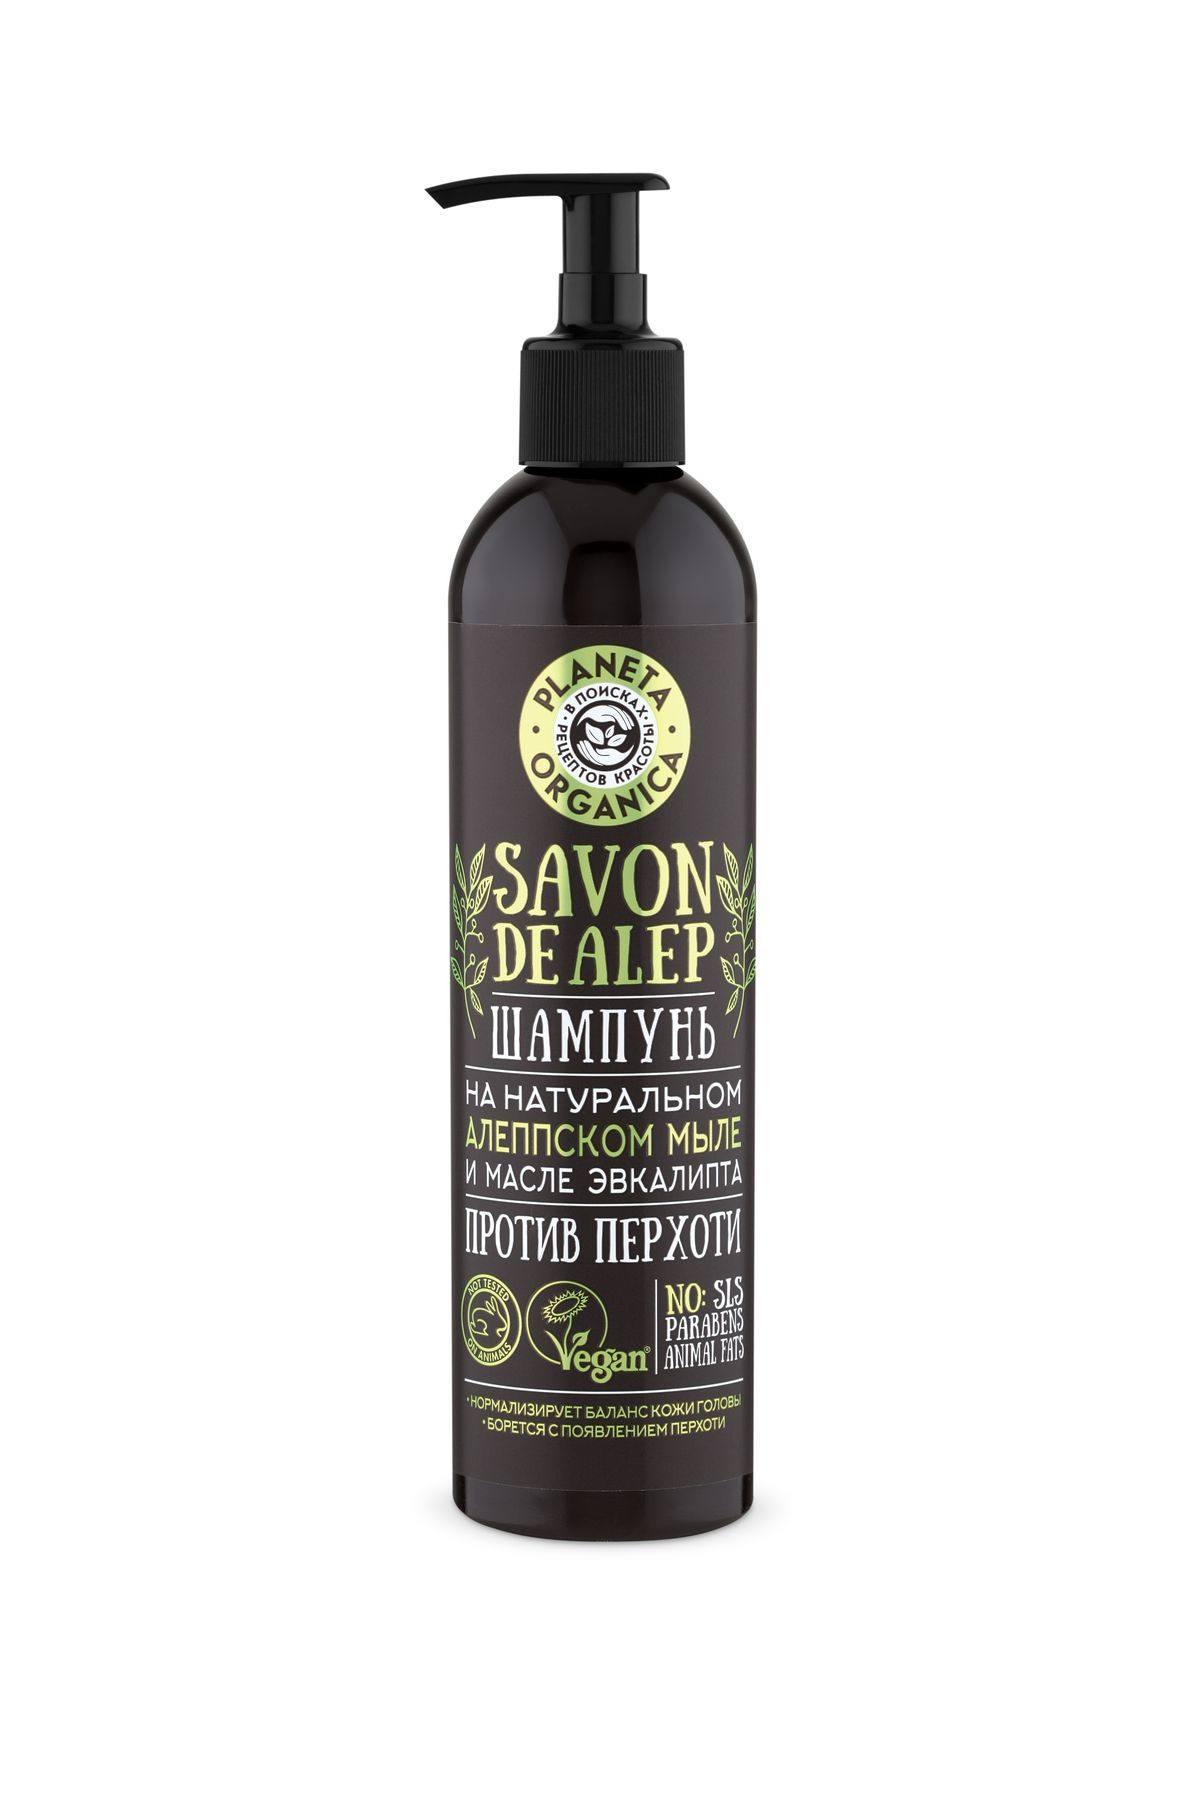 Купить Planeta Organica Savon de Шампунь для волос против перхоти Savon de Alep, 400 мл (shop: Organic-shops Organic shops)